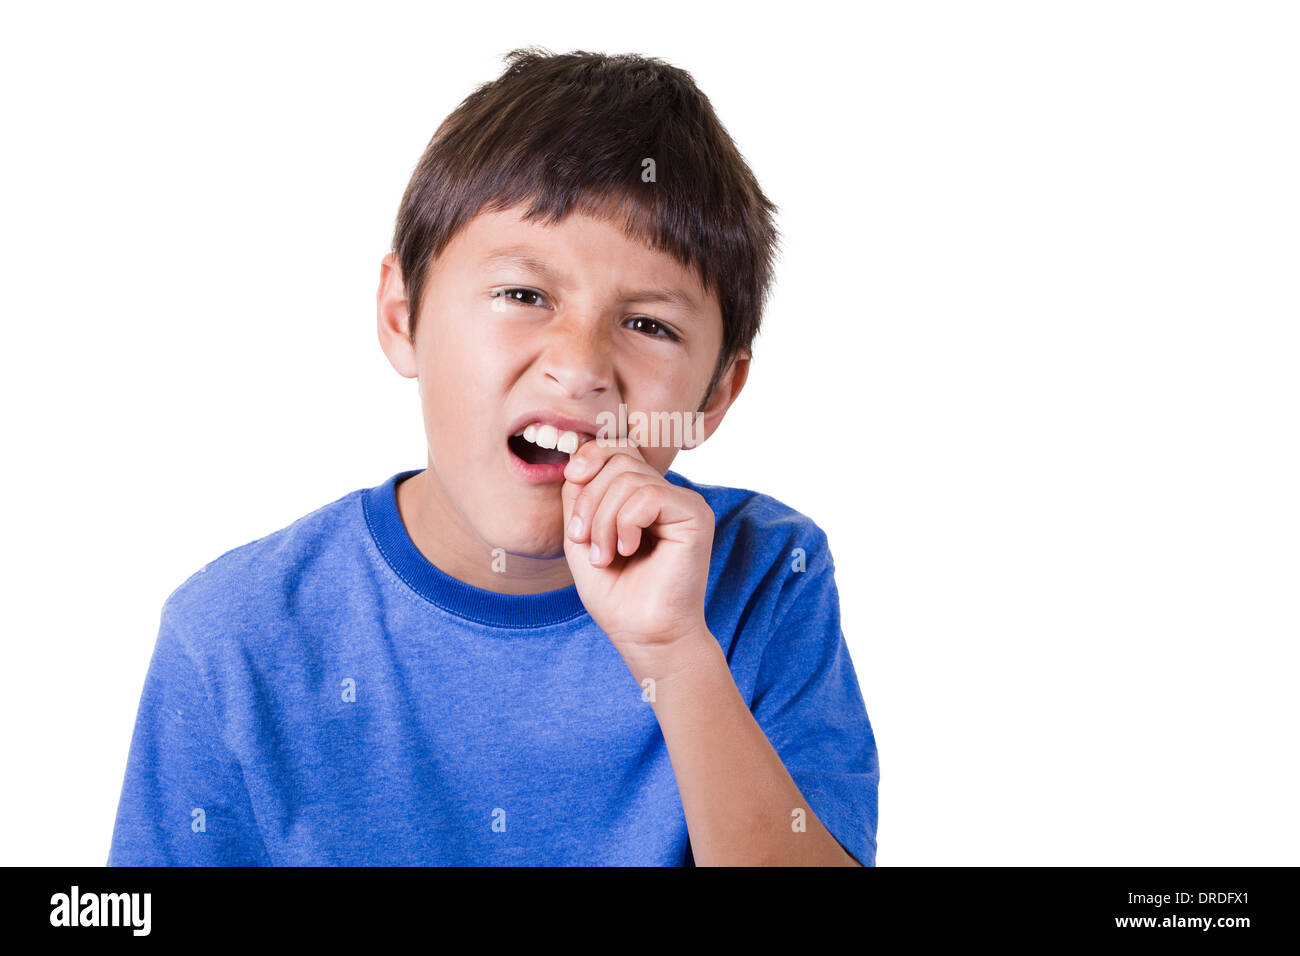 Junge mit Zahnschmerzen oder losen Zahn - auf weißem Hintergrund Stockbild